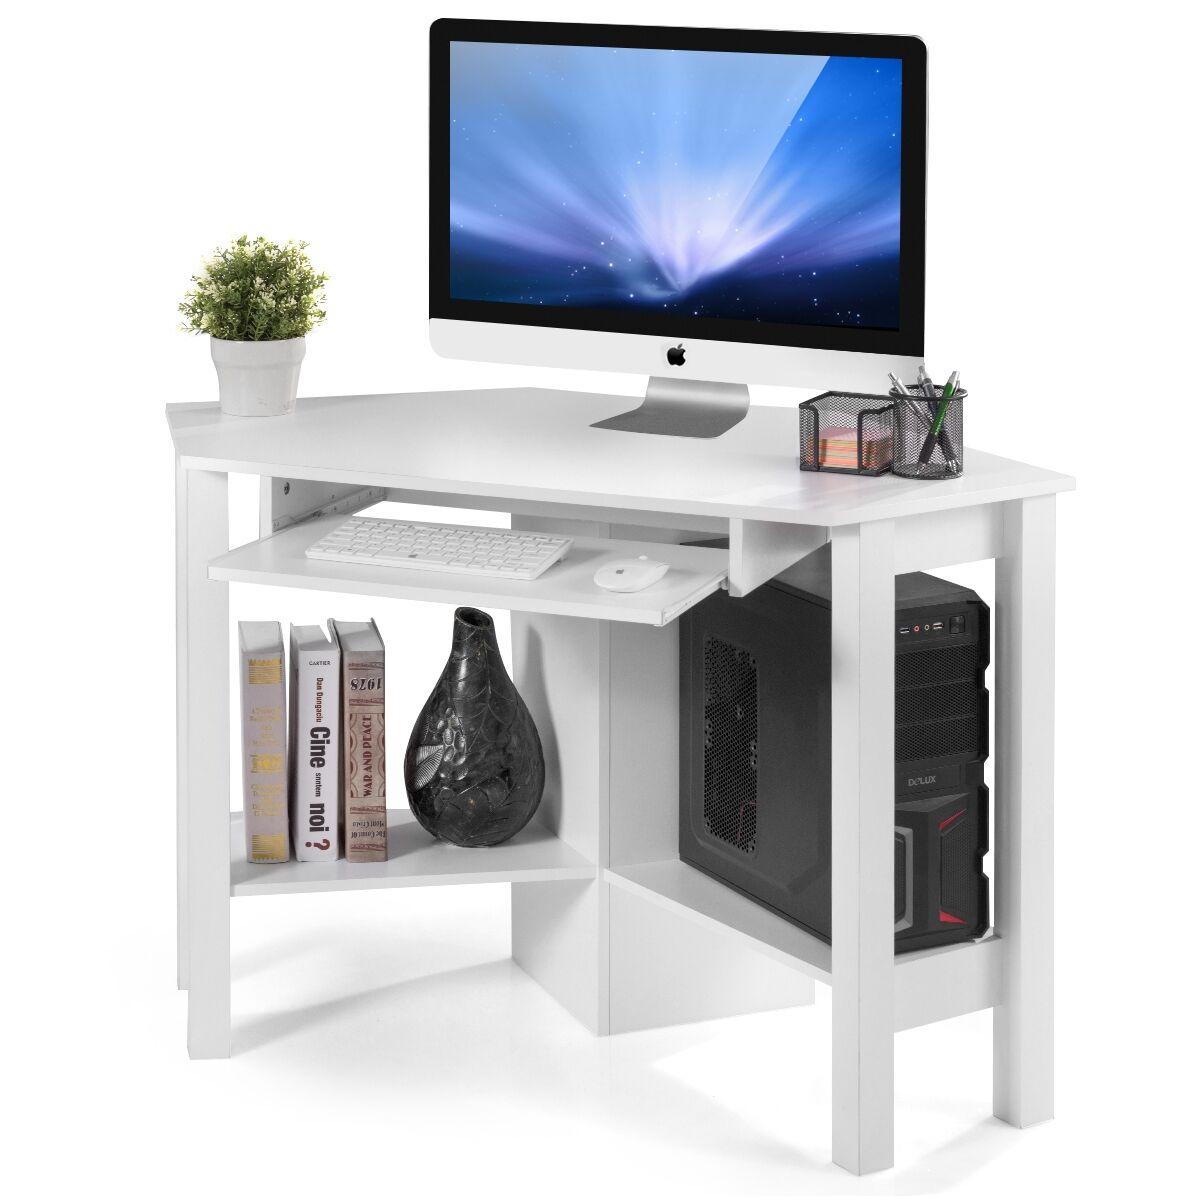 Costway Escritorio de esquina en aglomerado para ordenadores de oficina Mesa para ordenadores 120x60x77cm Blanco